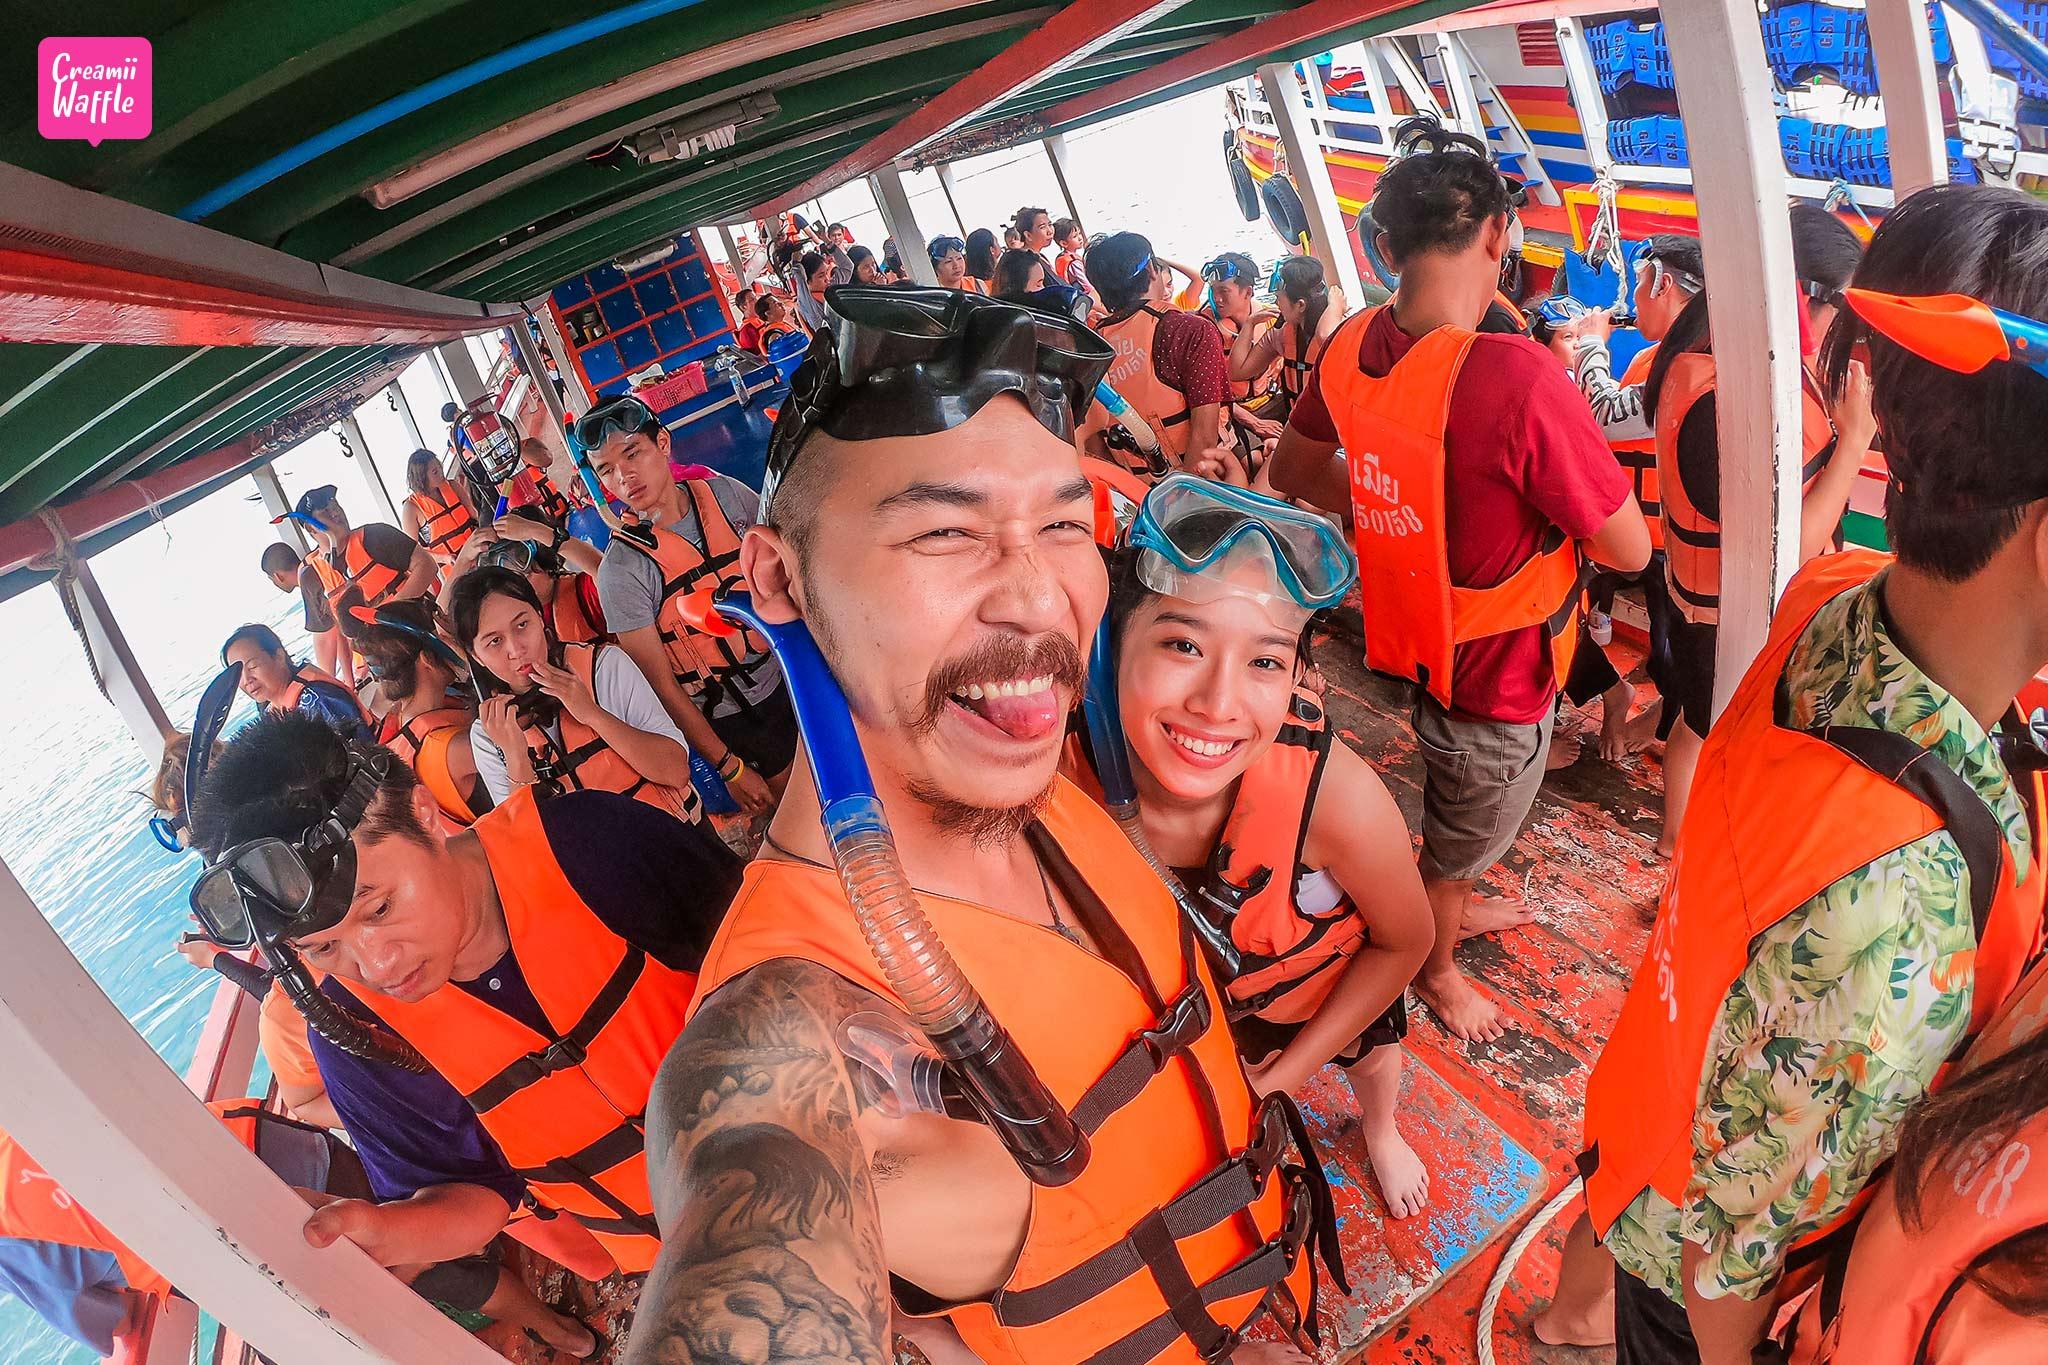 จุดเช็คอินห้ามพลาด เกาะล้าน กิจกรรมดำน้ำสน็อกเกิ้ล (Snorkelling)